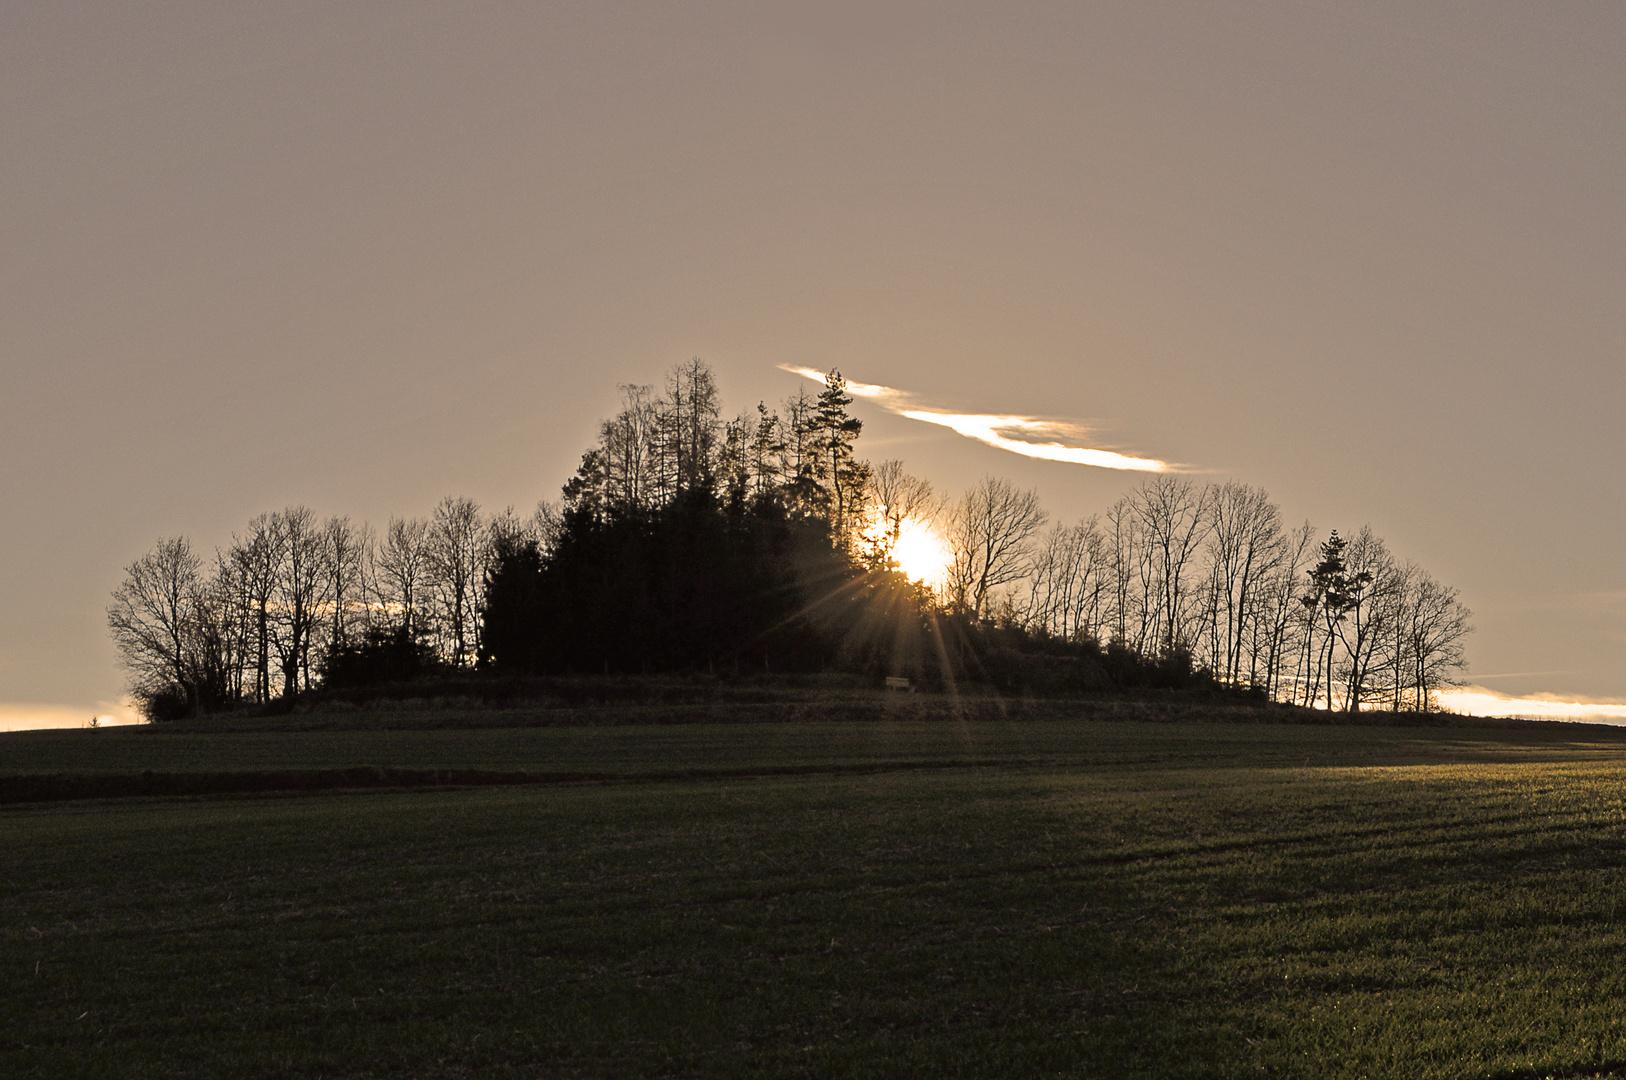 Sonnenuntergang hinter einem kleinen Wäldchen bei Weißbach im Erzgebirge